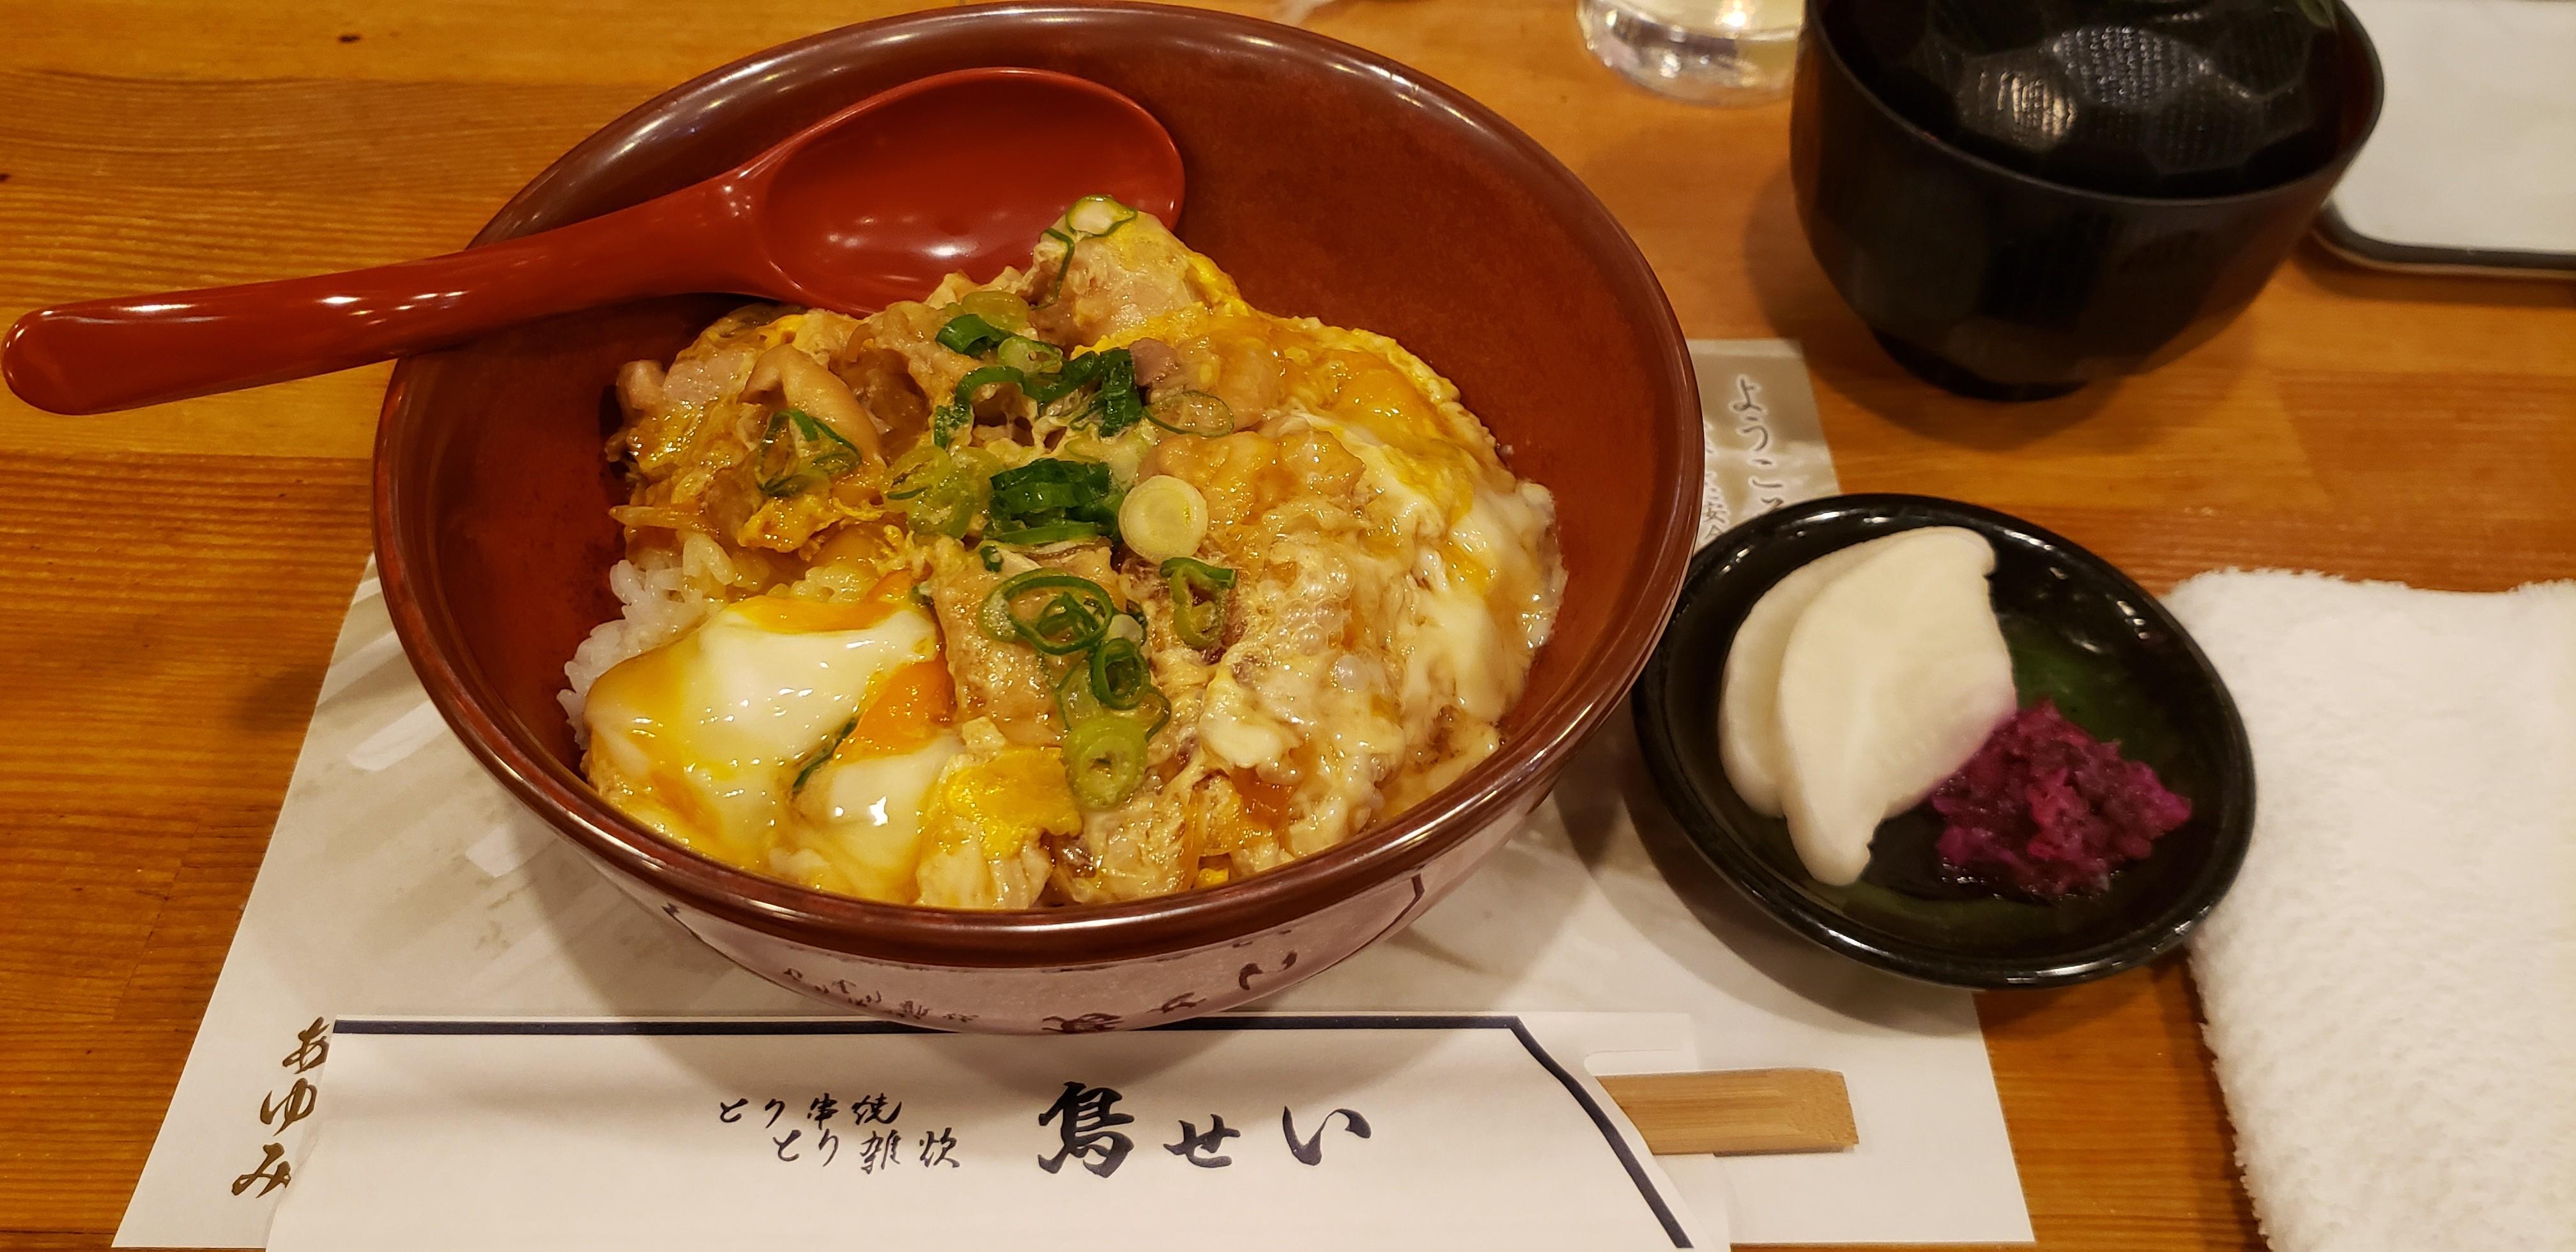 f:id:SURUmeee_JP:20190526043932j:image